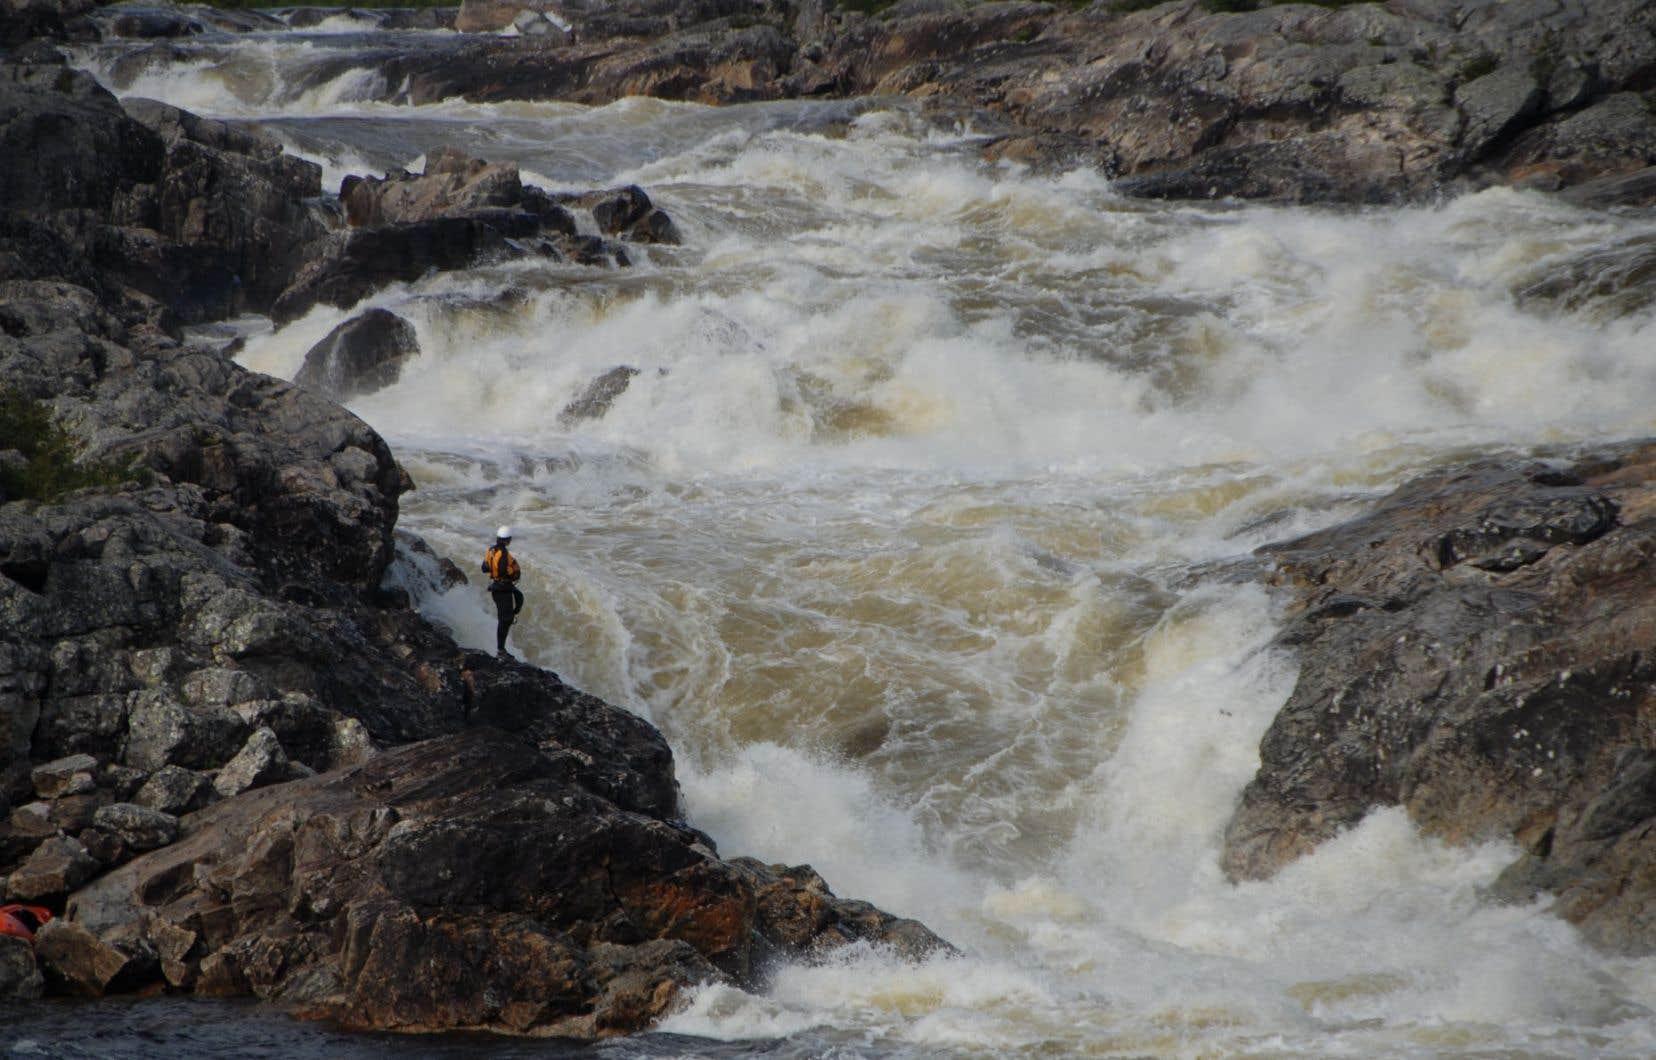 René Lévesque a fait de l'hydroélectricité le grand axe de développement économique du Québec. Avec le recul, aurait-il mieux valu miser sur autre chose que nos ressources naturelles?